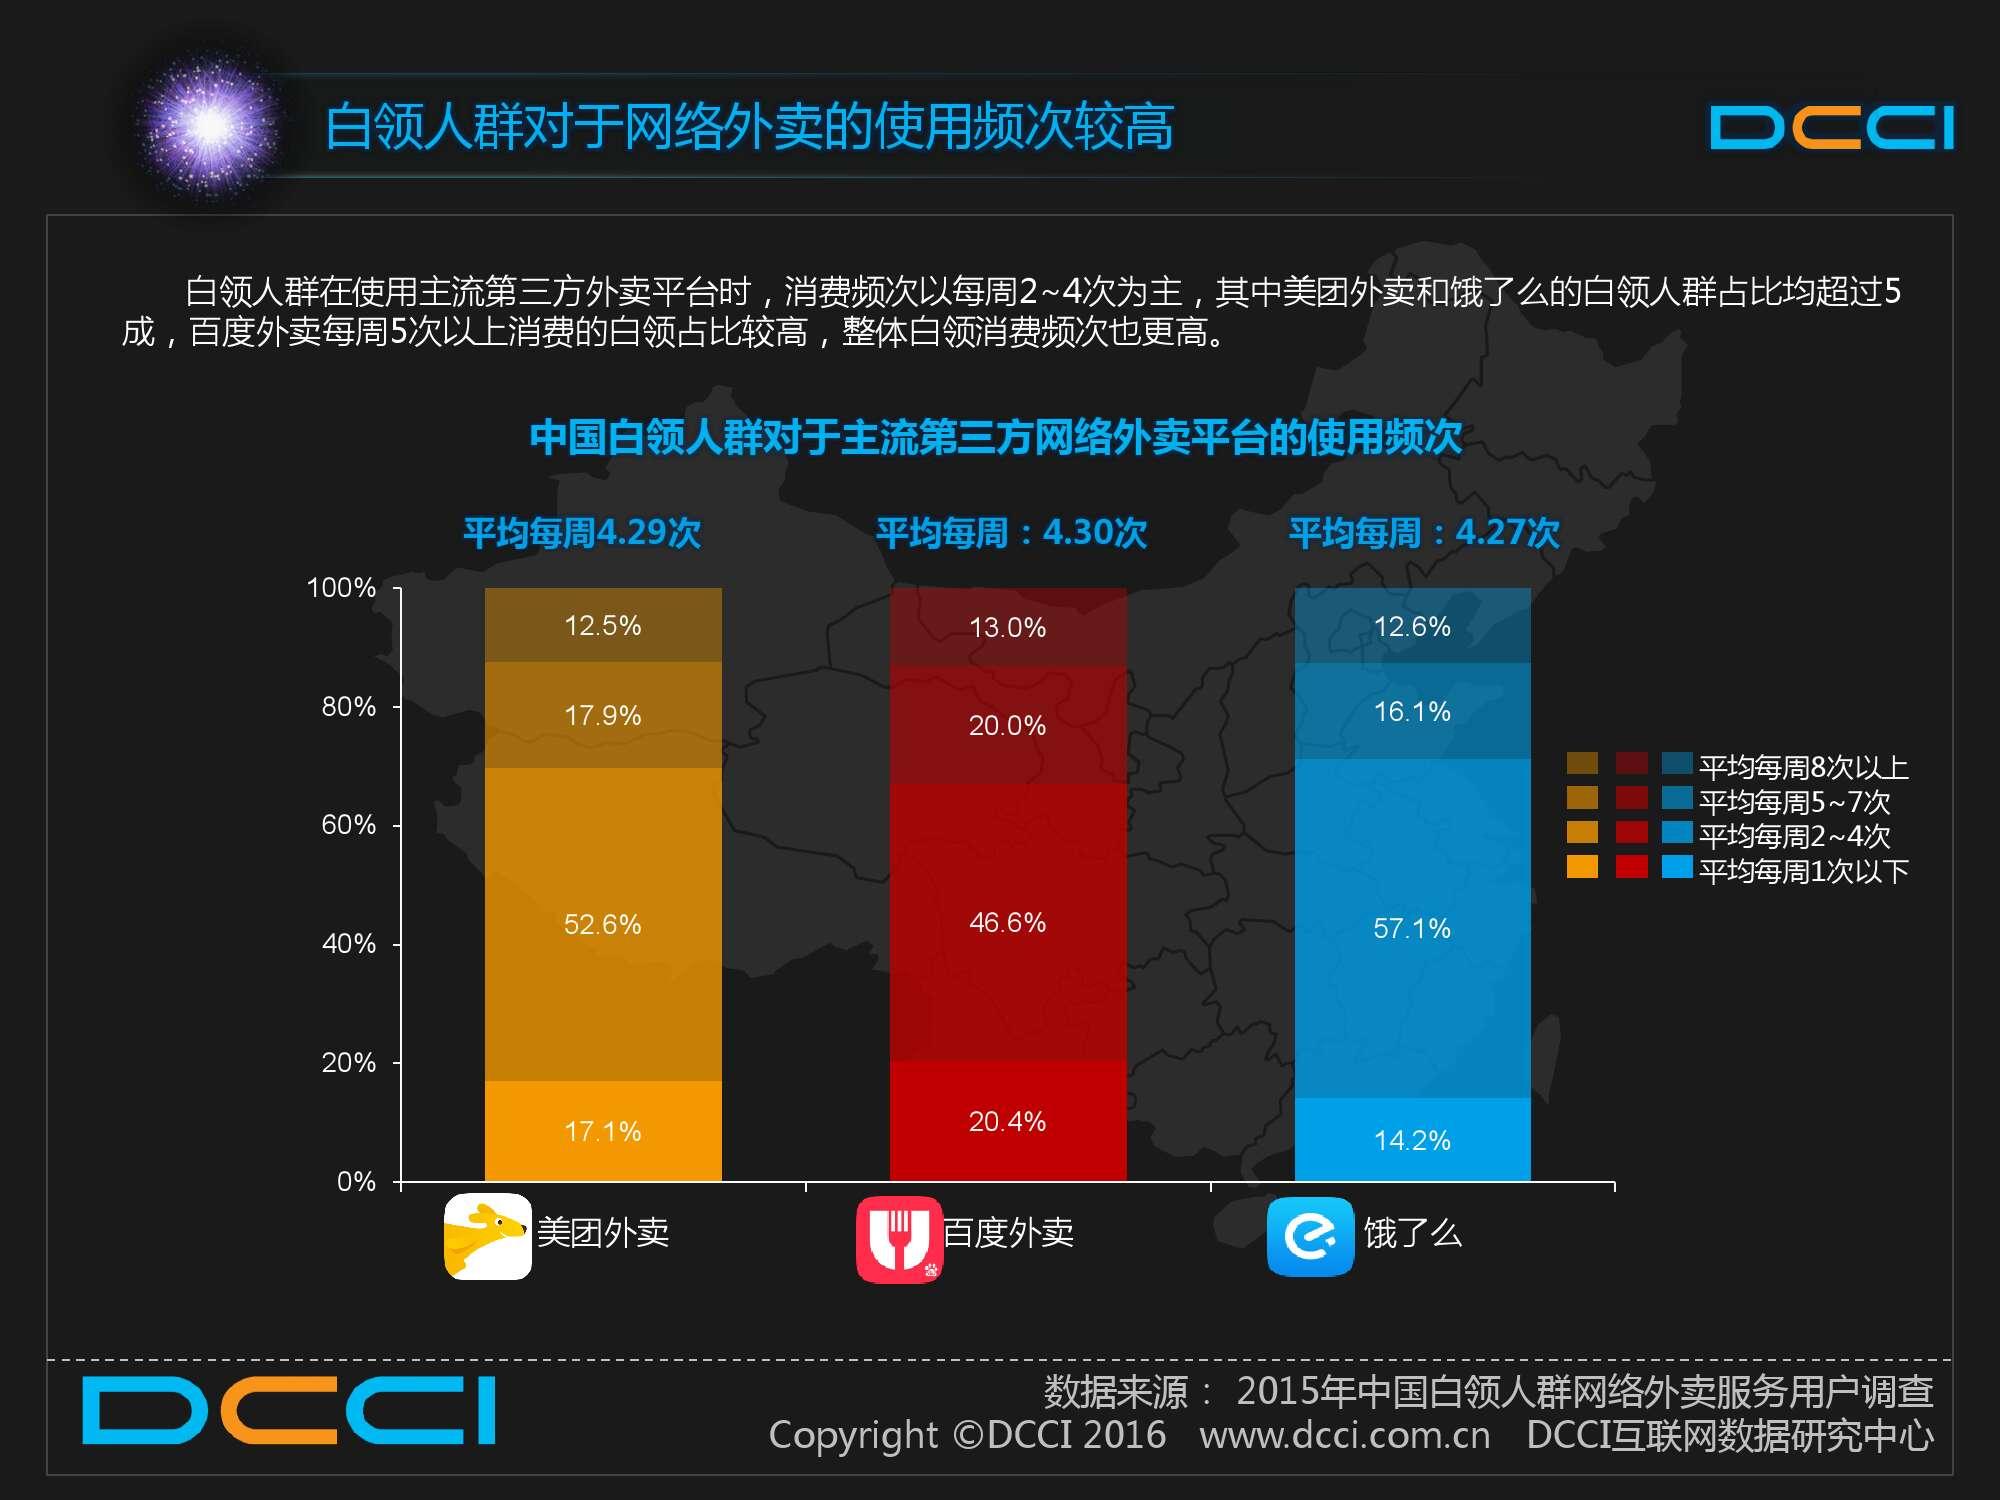 2015中国白领人群网络外卖服务研究报告_000020